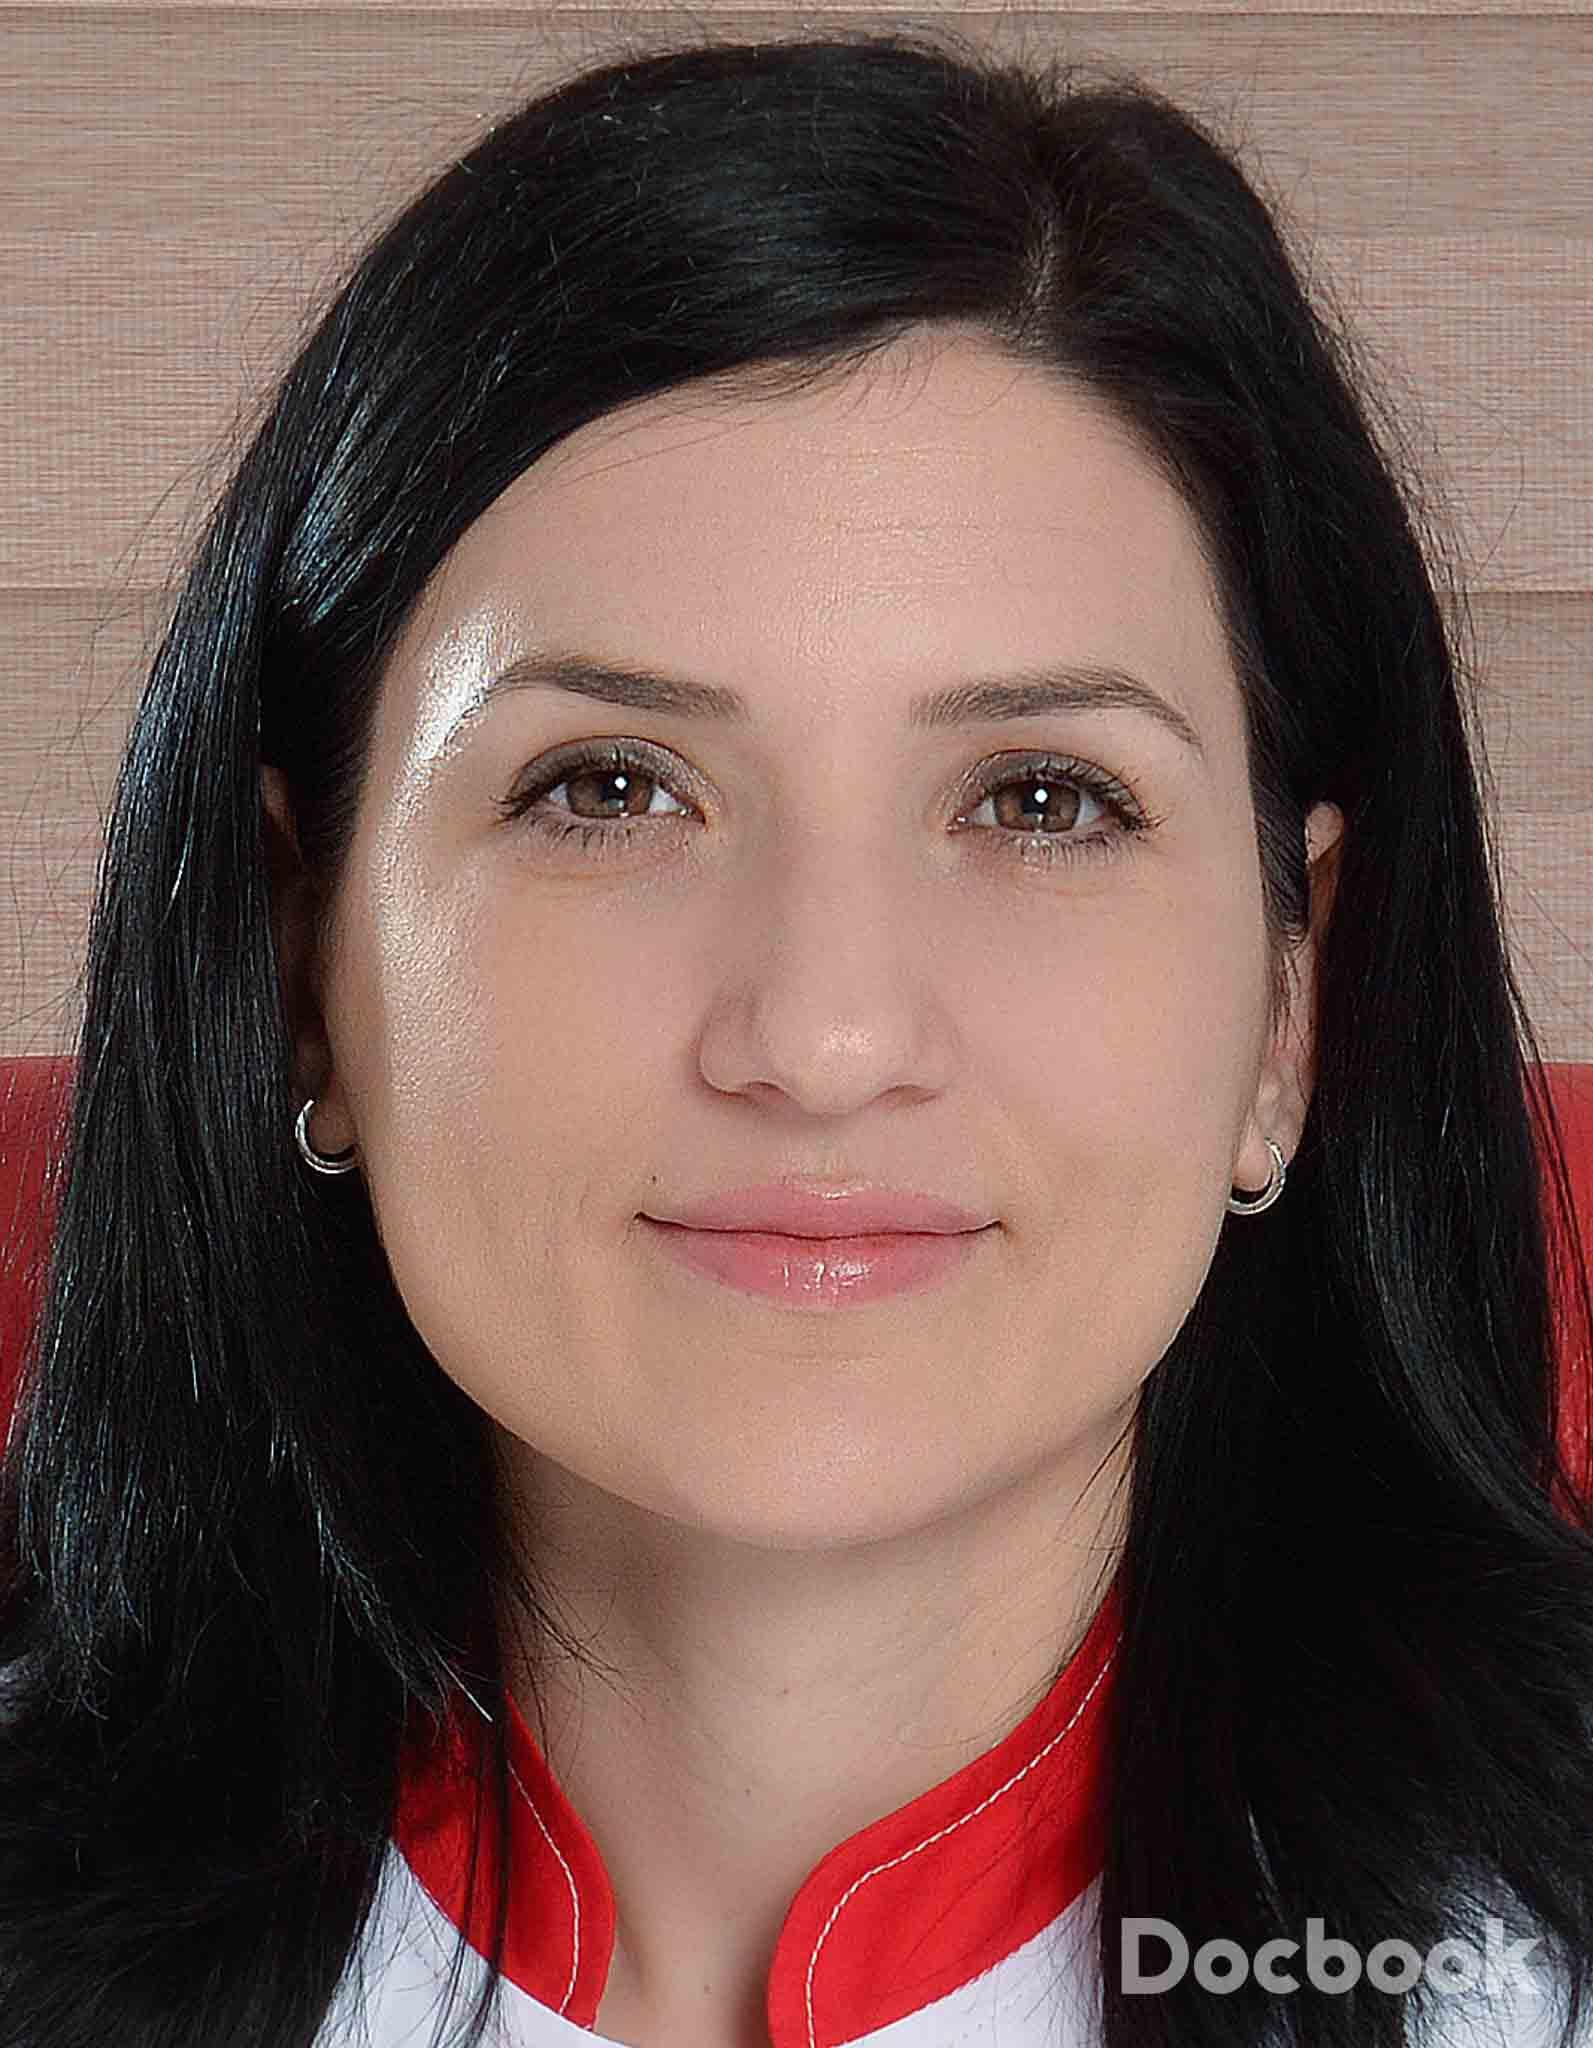 Dr. Cristina Vicol